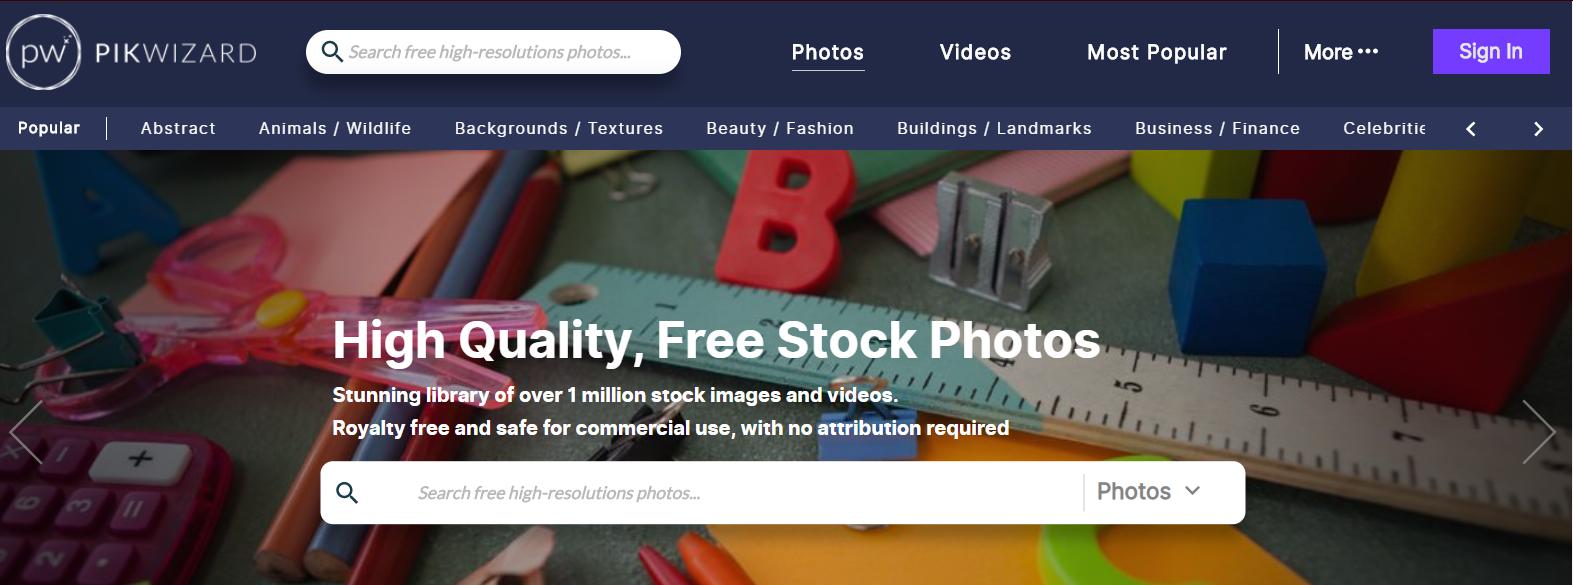 bancos de imágenes gratuitas pickwizard